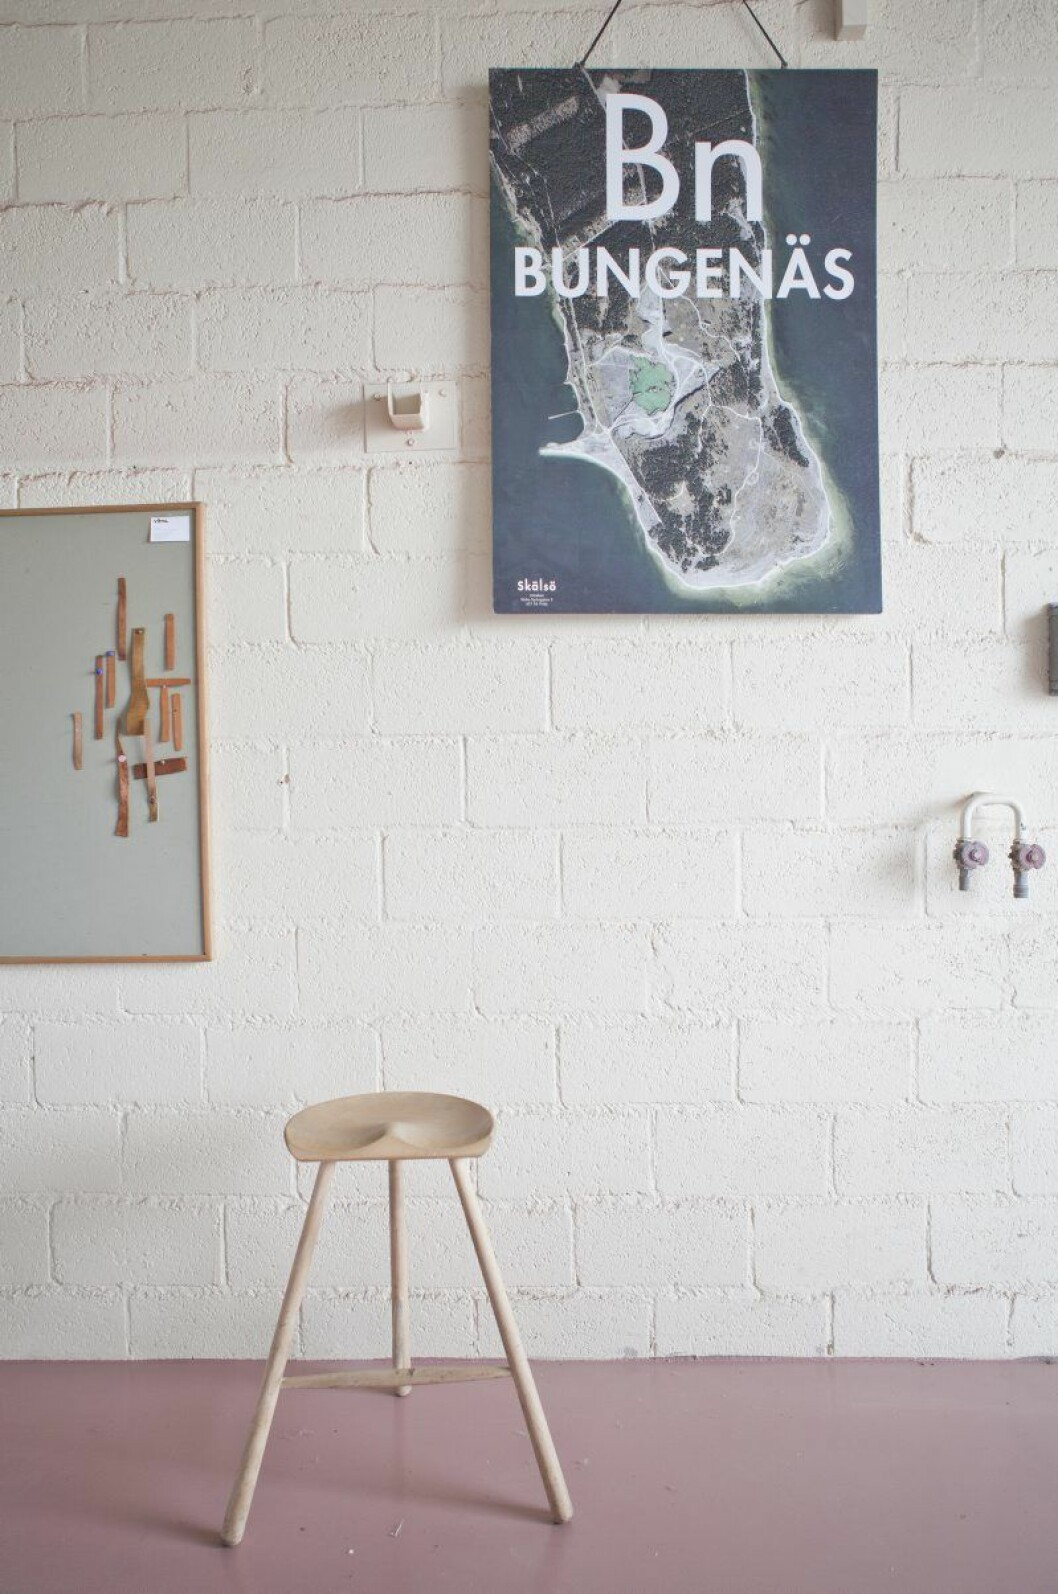 Allting började med Bungenäs, det före detta militärområdet och kalkbrottet där grundarna Erik och Joel flera år brutit sig in på för att surfa.